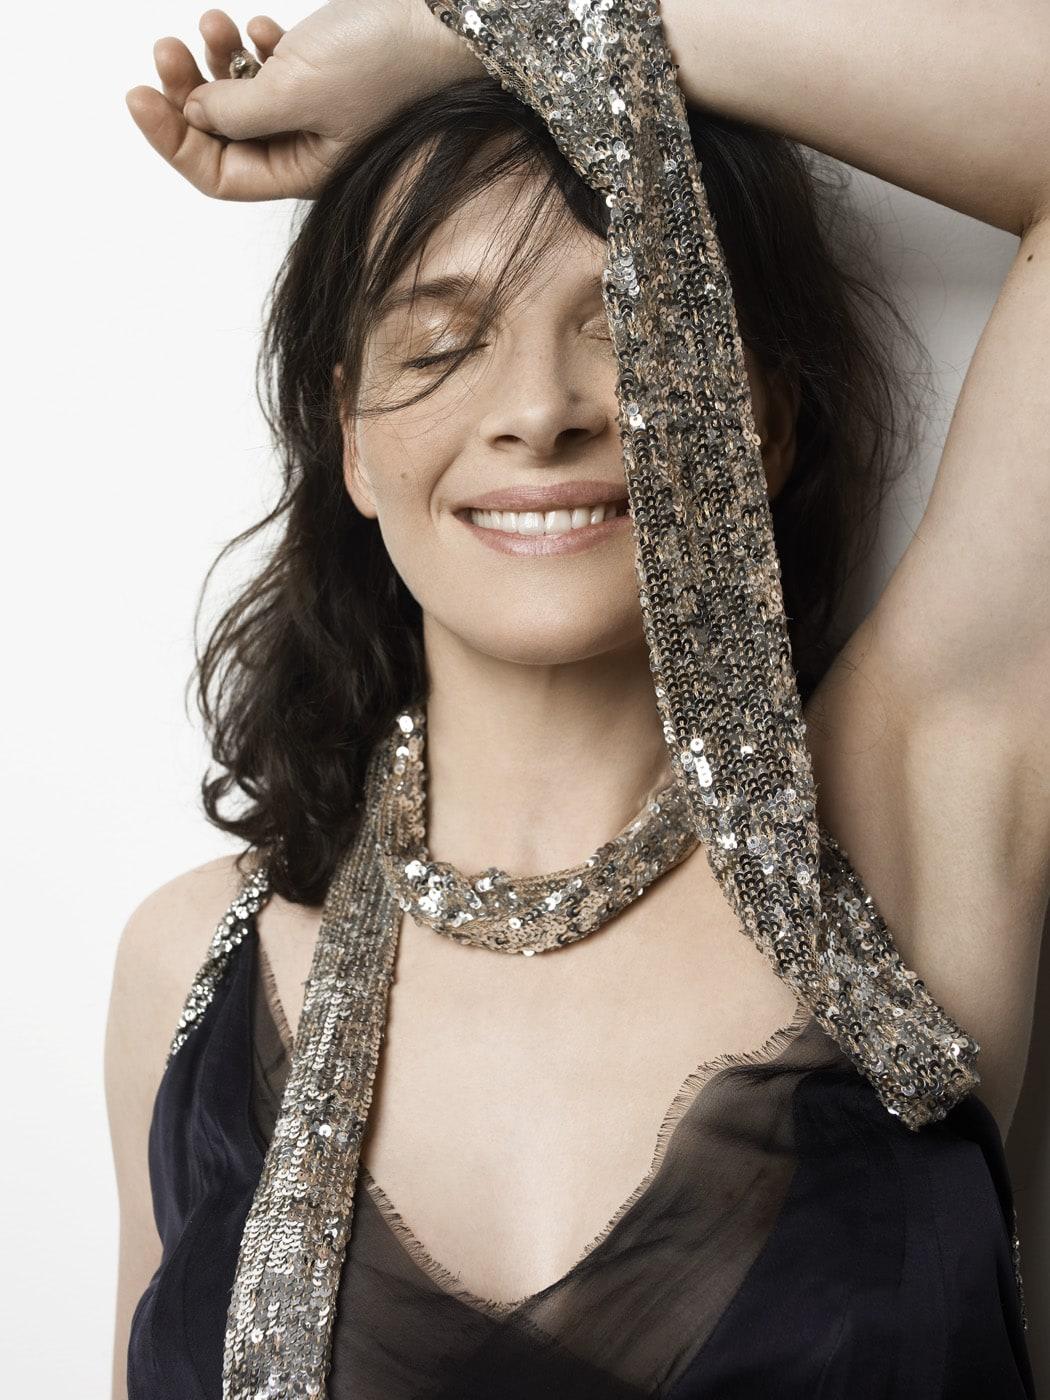 Picture Of Juliette Binoche